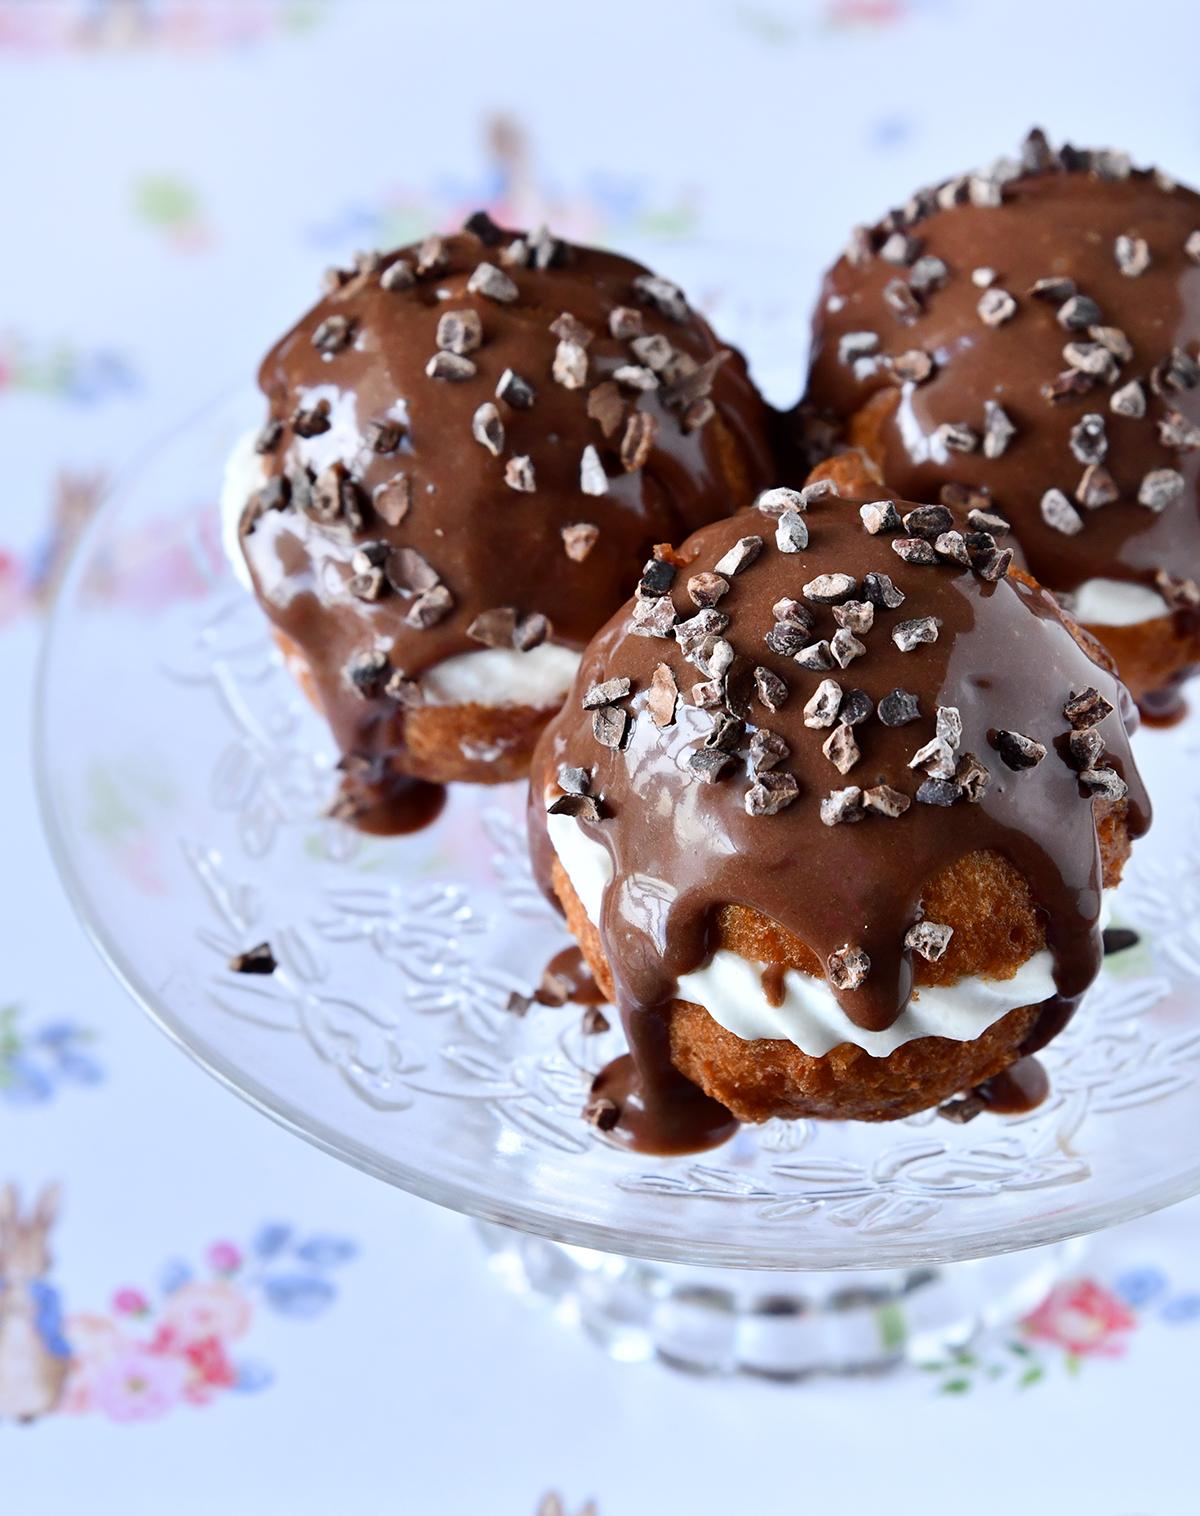 מיני סופגניות במילוי קצפת ורוטב שוקולד